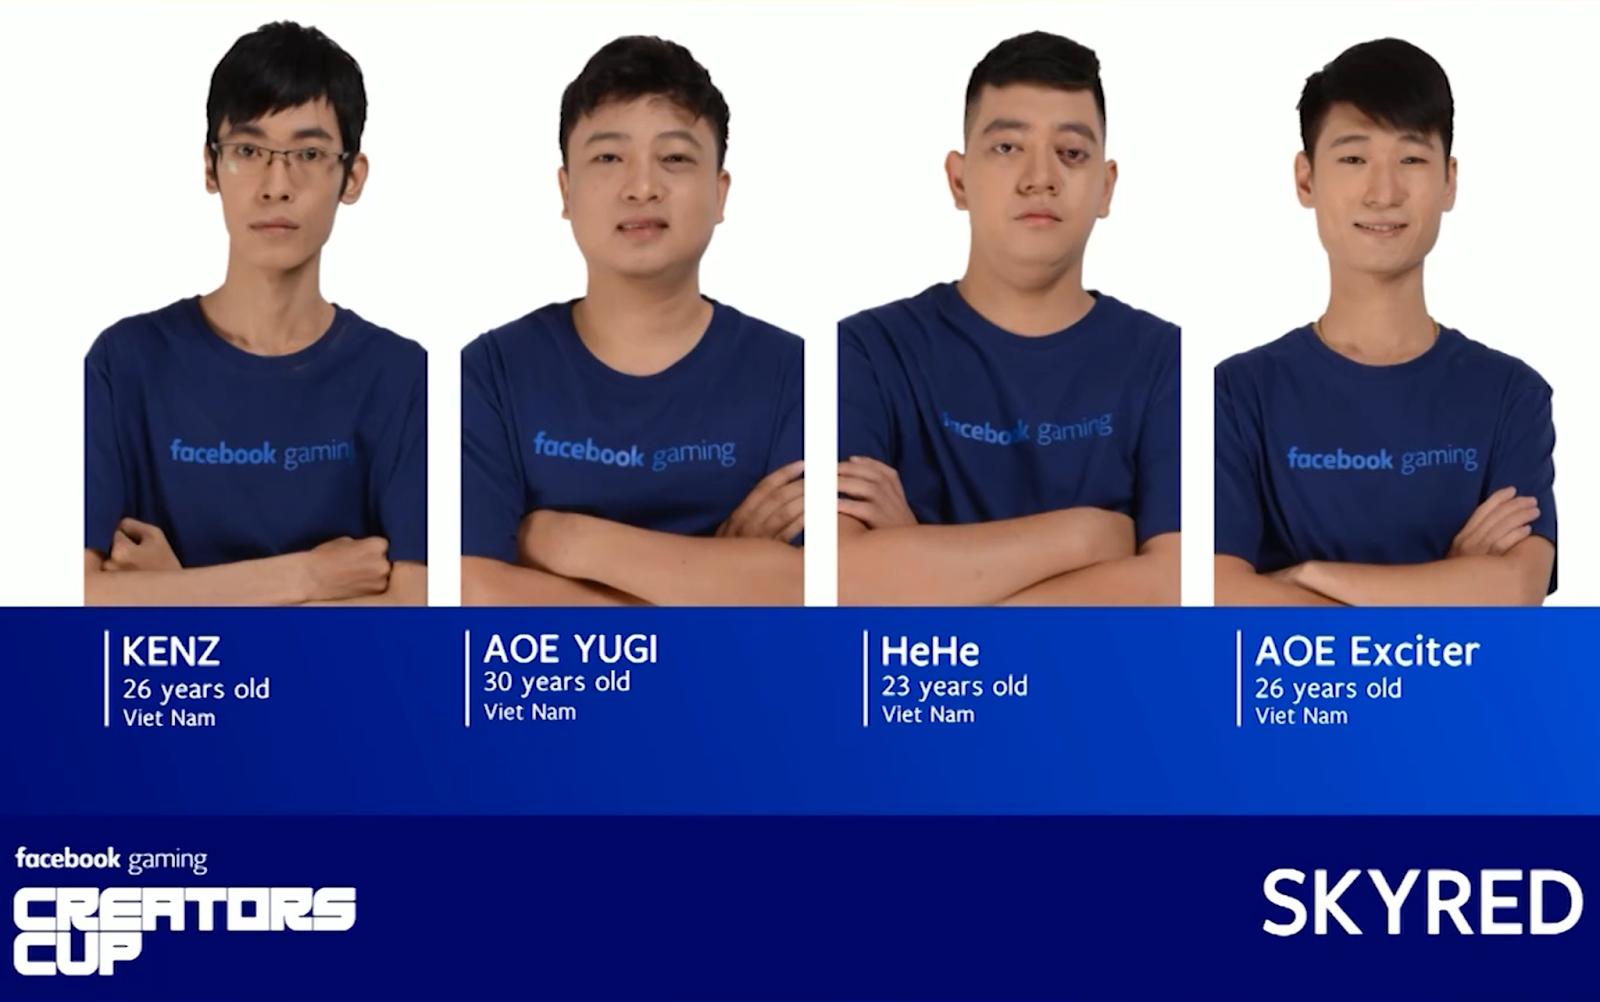 AoE Facebook Gaming Creators Cup 2019: Liệu Skyred có vượt mặt EFUNVN BiBiClub để vươn lên đứng đầu bảng xếp hạng?